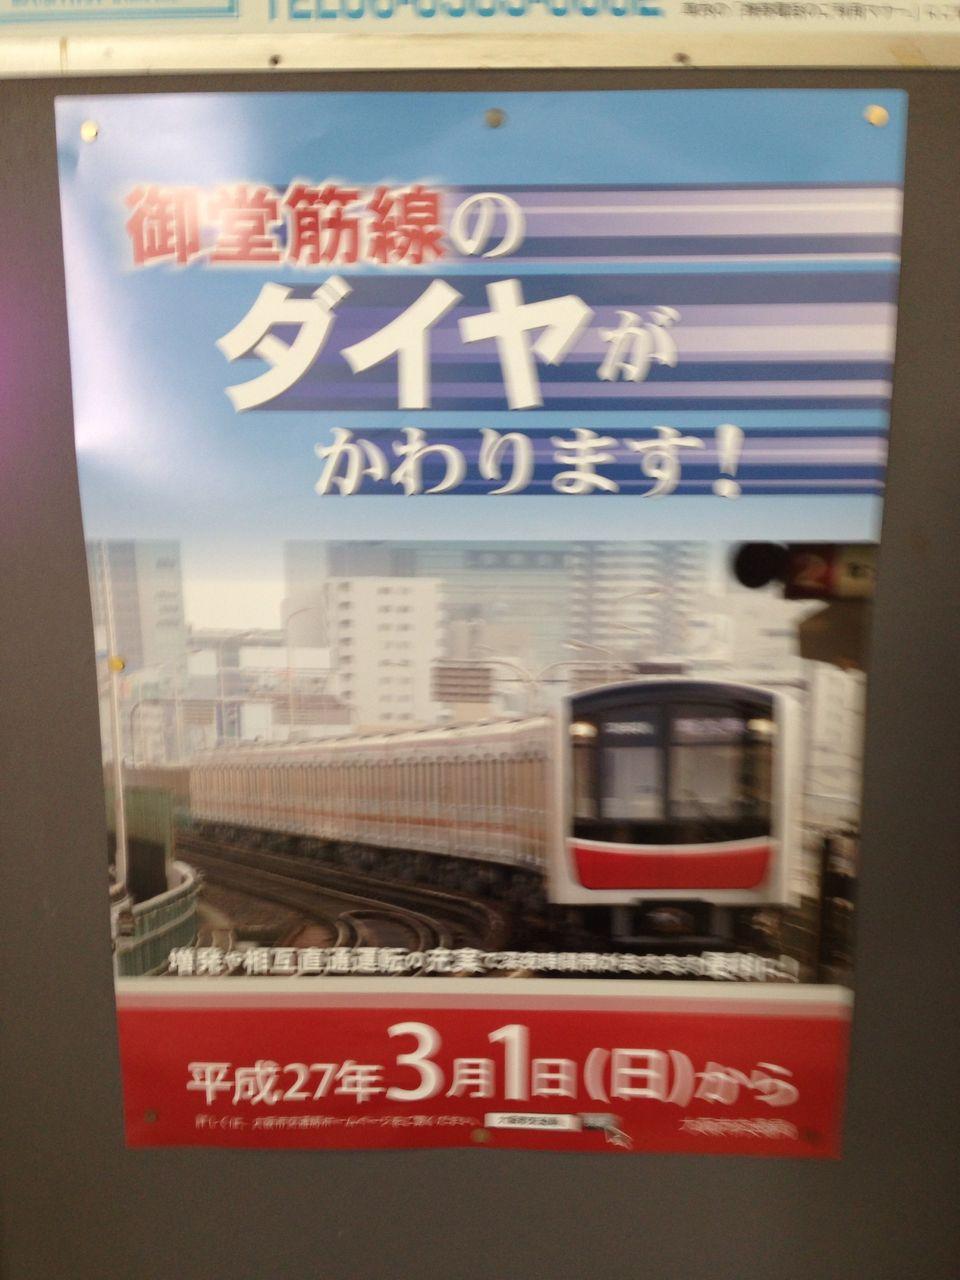 地下鉄 ダイヤ 改正